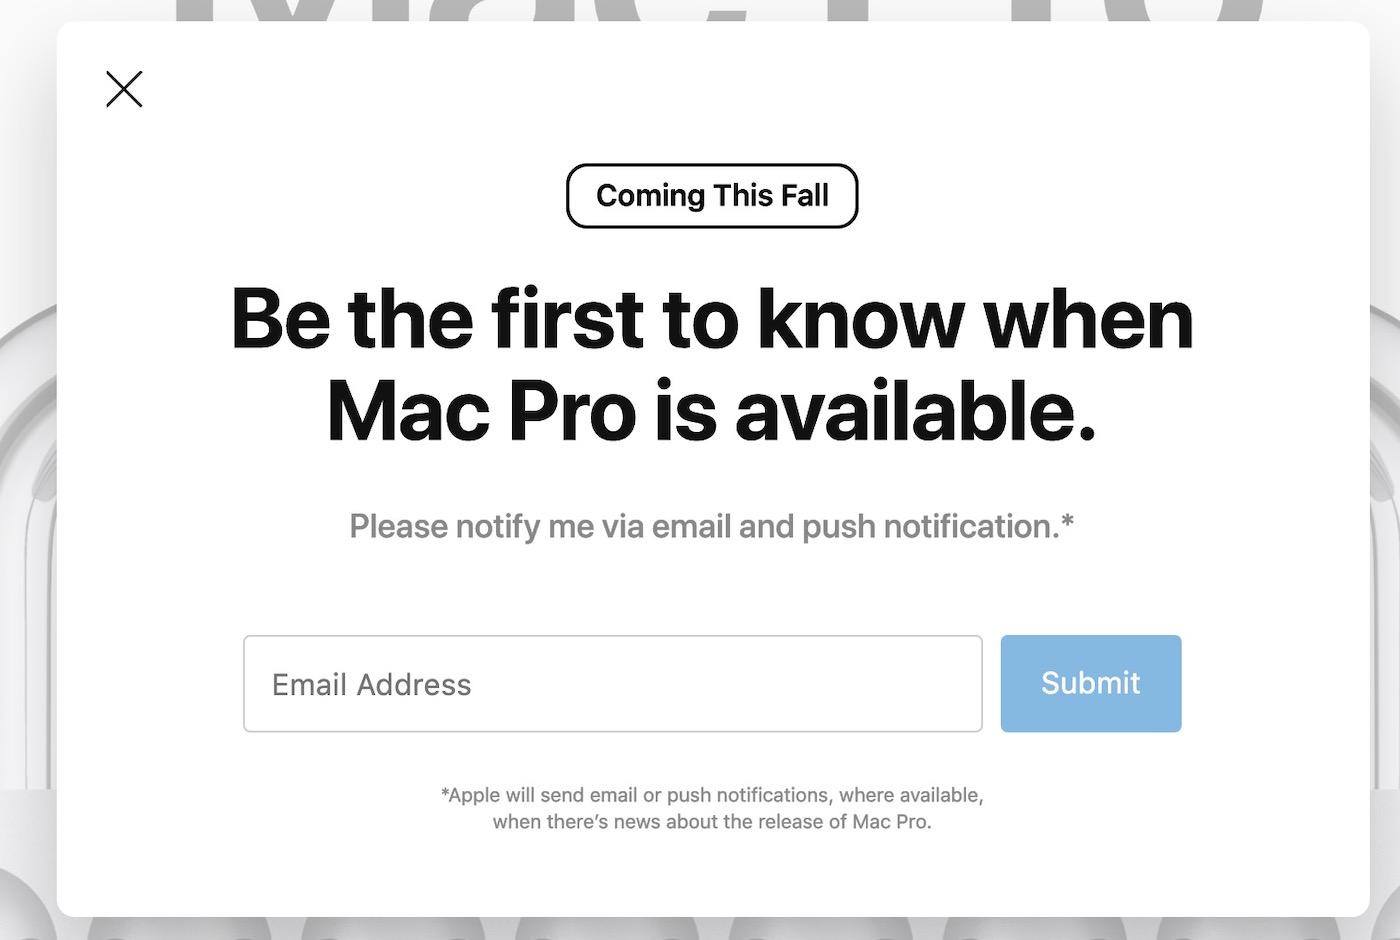 Mac Pro 2019 Dispo Automne - Le nouveau Mac Pro pourrait arriver en septembre selon le site d'Apple